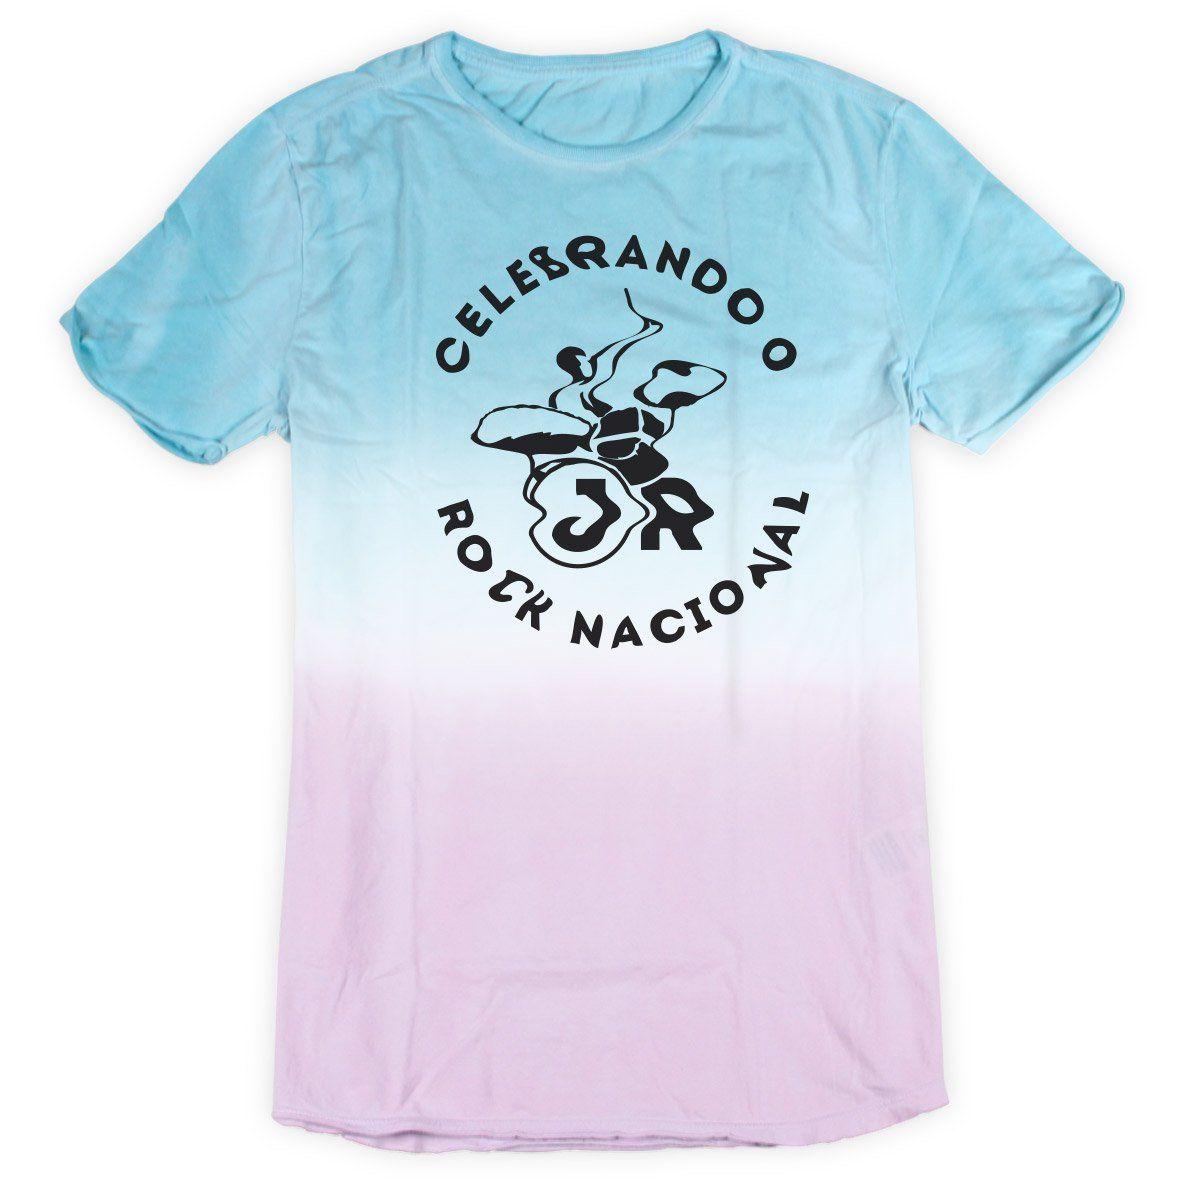 Camiseta Tie Dye Masculina João Rock Psicodelia